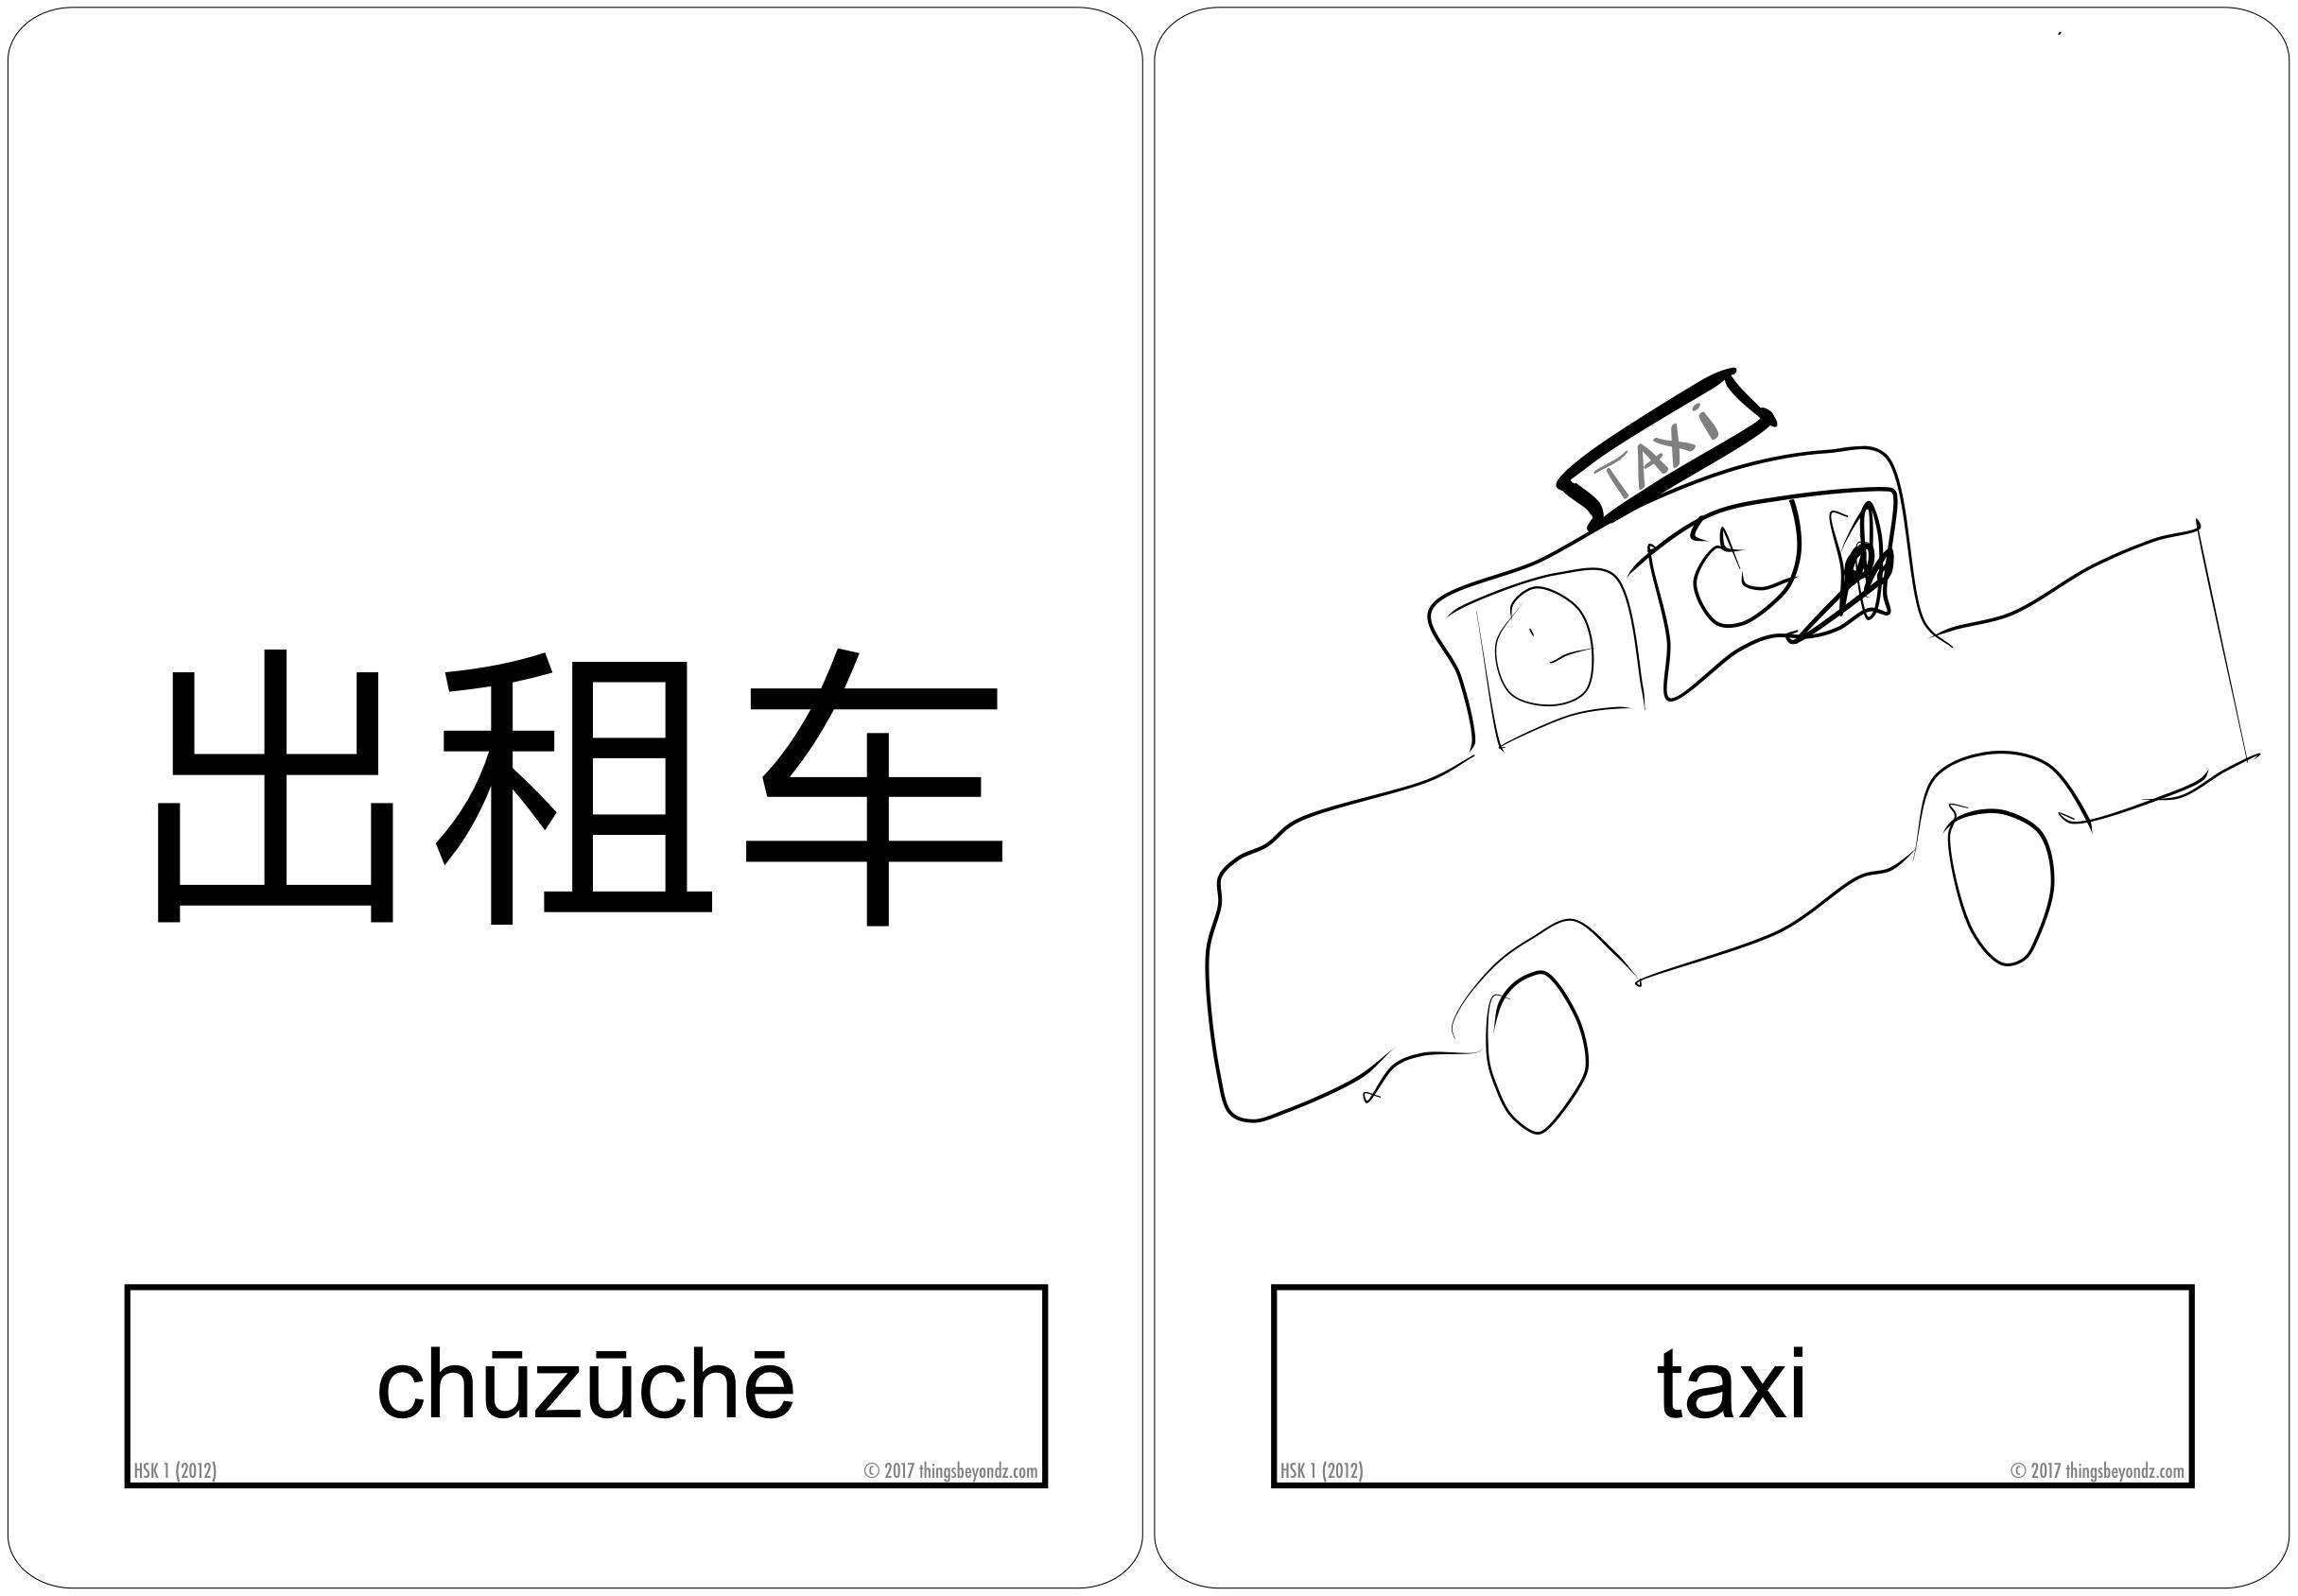 HSK 1 Vocabulary 出租车 出租车 / chūzūchē / taxi 出 / chū / to